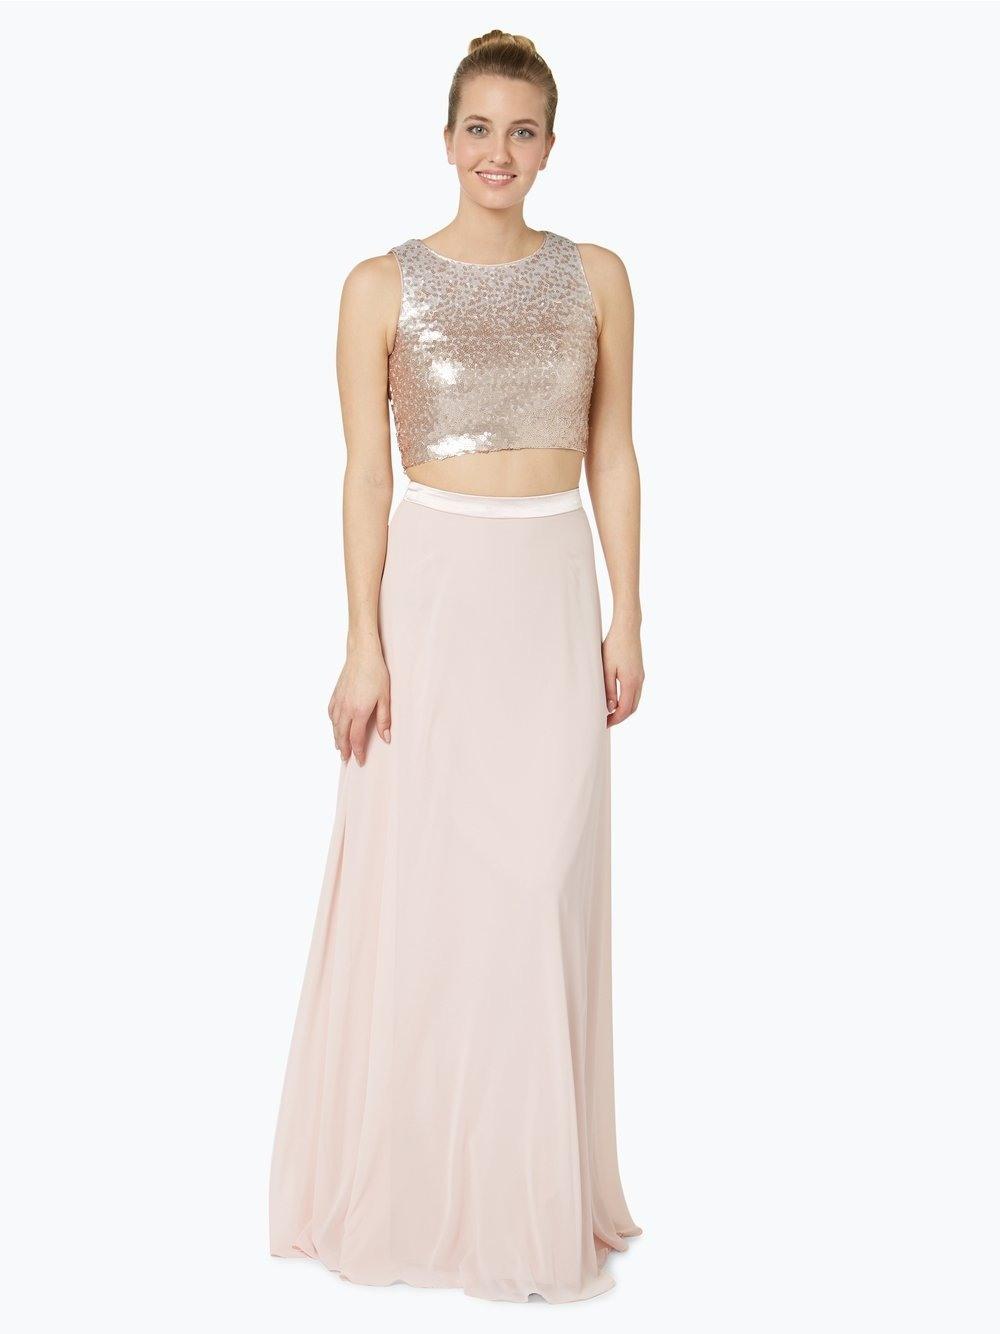 Formal Schön Langes Abendkleid Kreuzworträtsel Boutique10 Coolste Langes Abendkleid Kreuzworträtsel Spezialgebiet